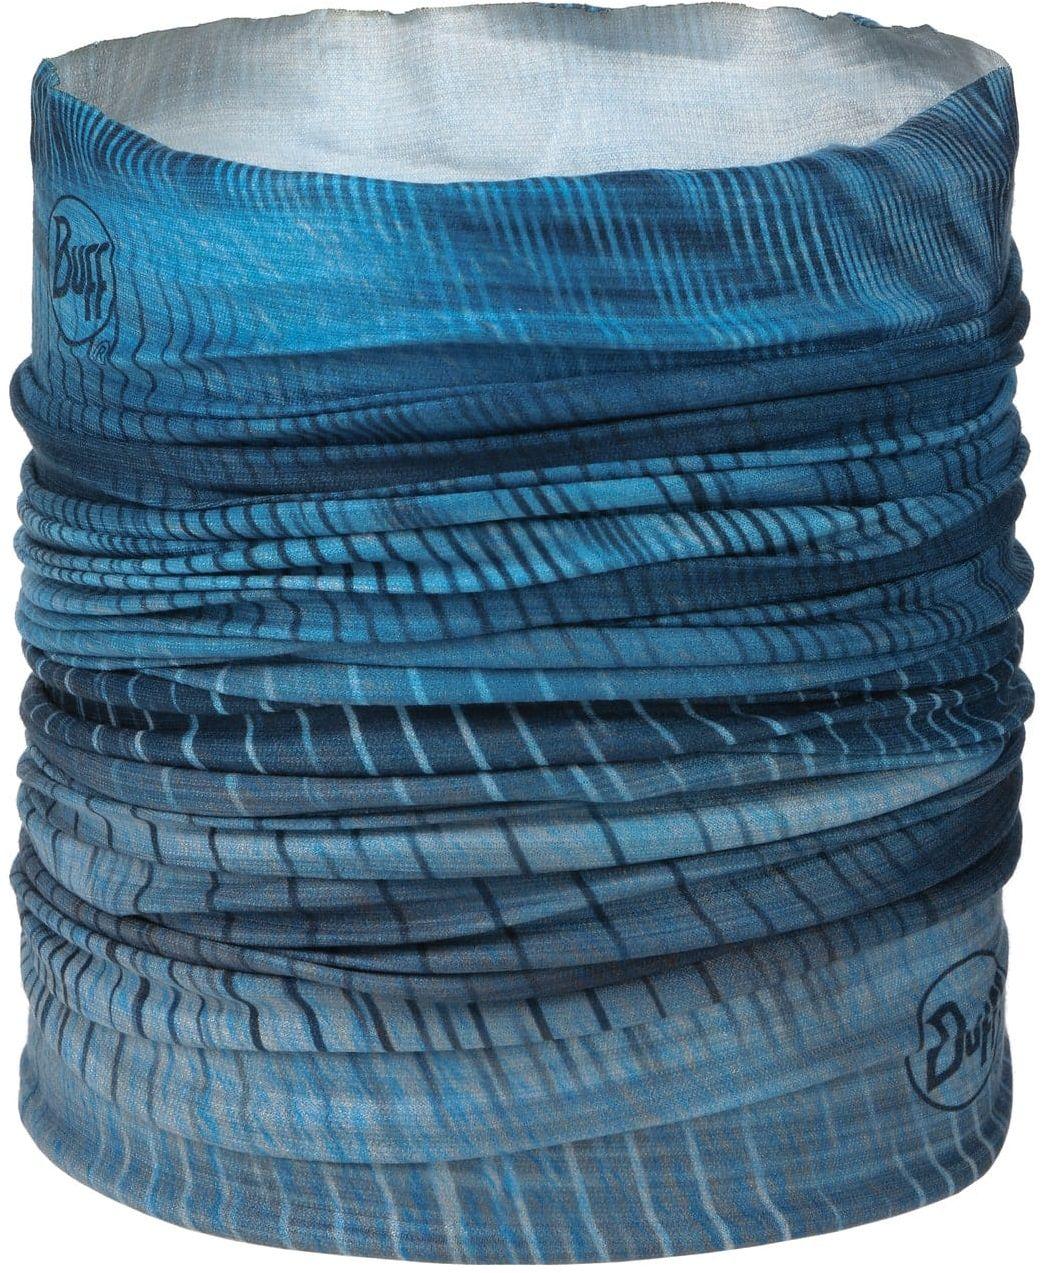 Chusta Wielofunkcyjna CoolNet UV+ Keren by BUFF, niebieski, One Size